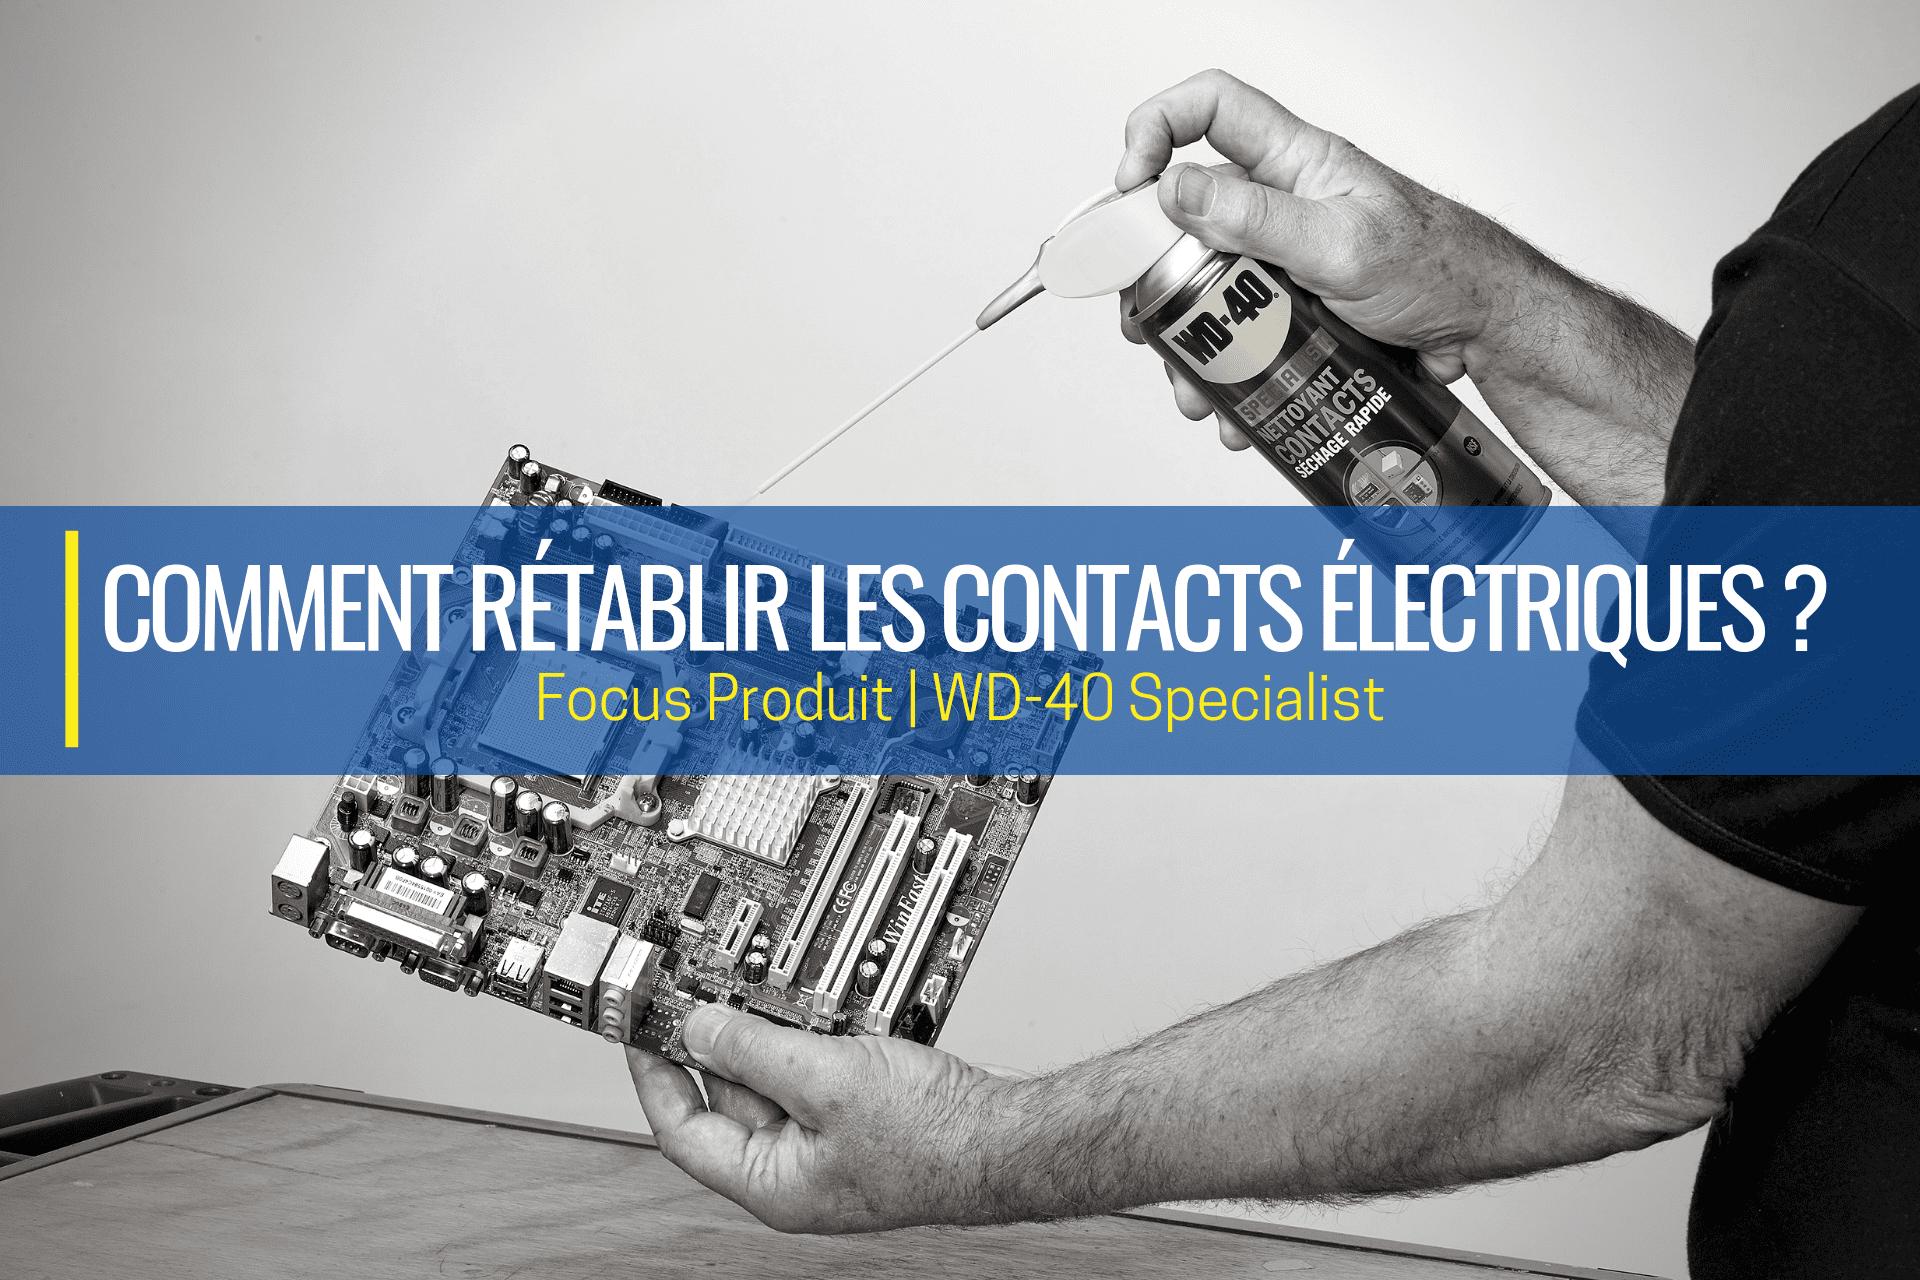 rétablir les contacts électriques